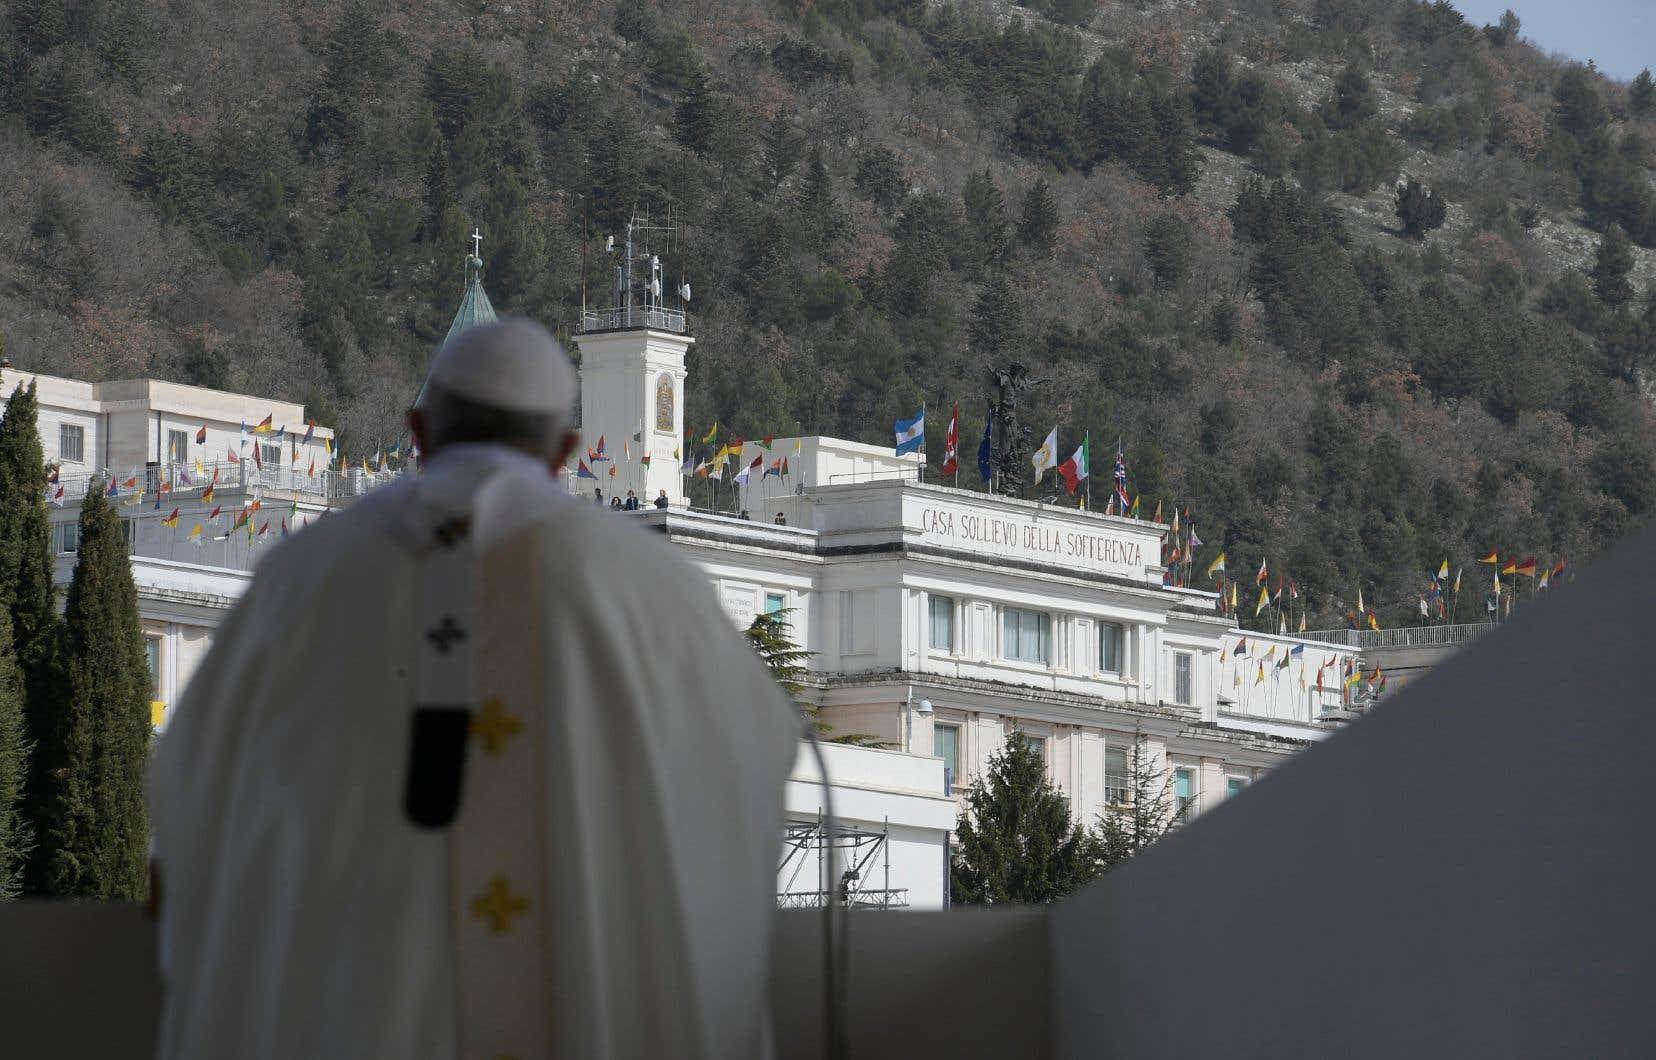 L'Église polonaise demeure fidèle à ses positions conservatrices contre lesquelles le pape François s'est souvent inscrit à faux.